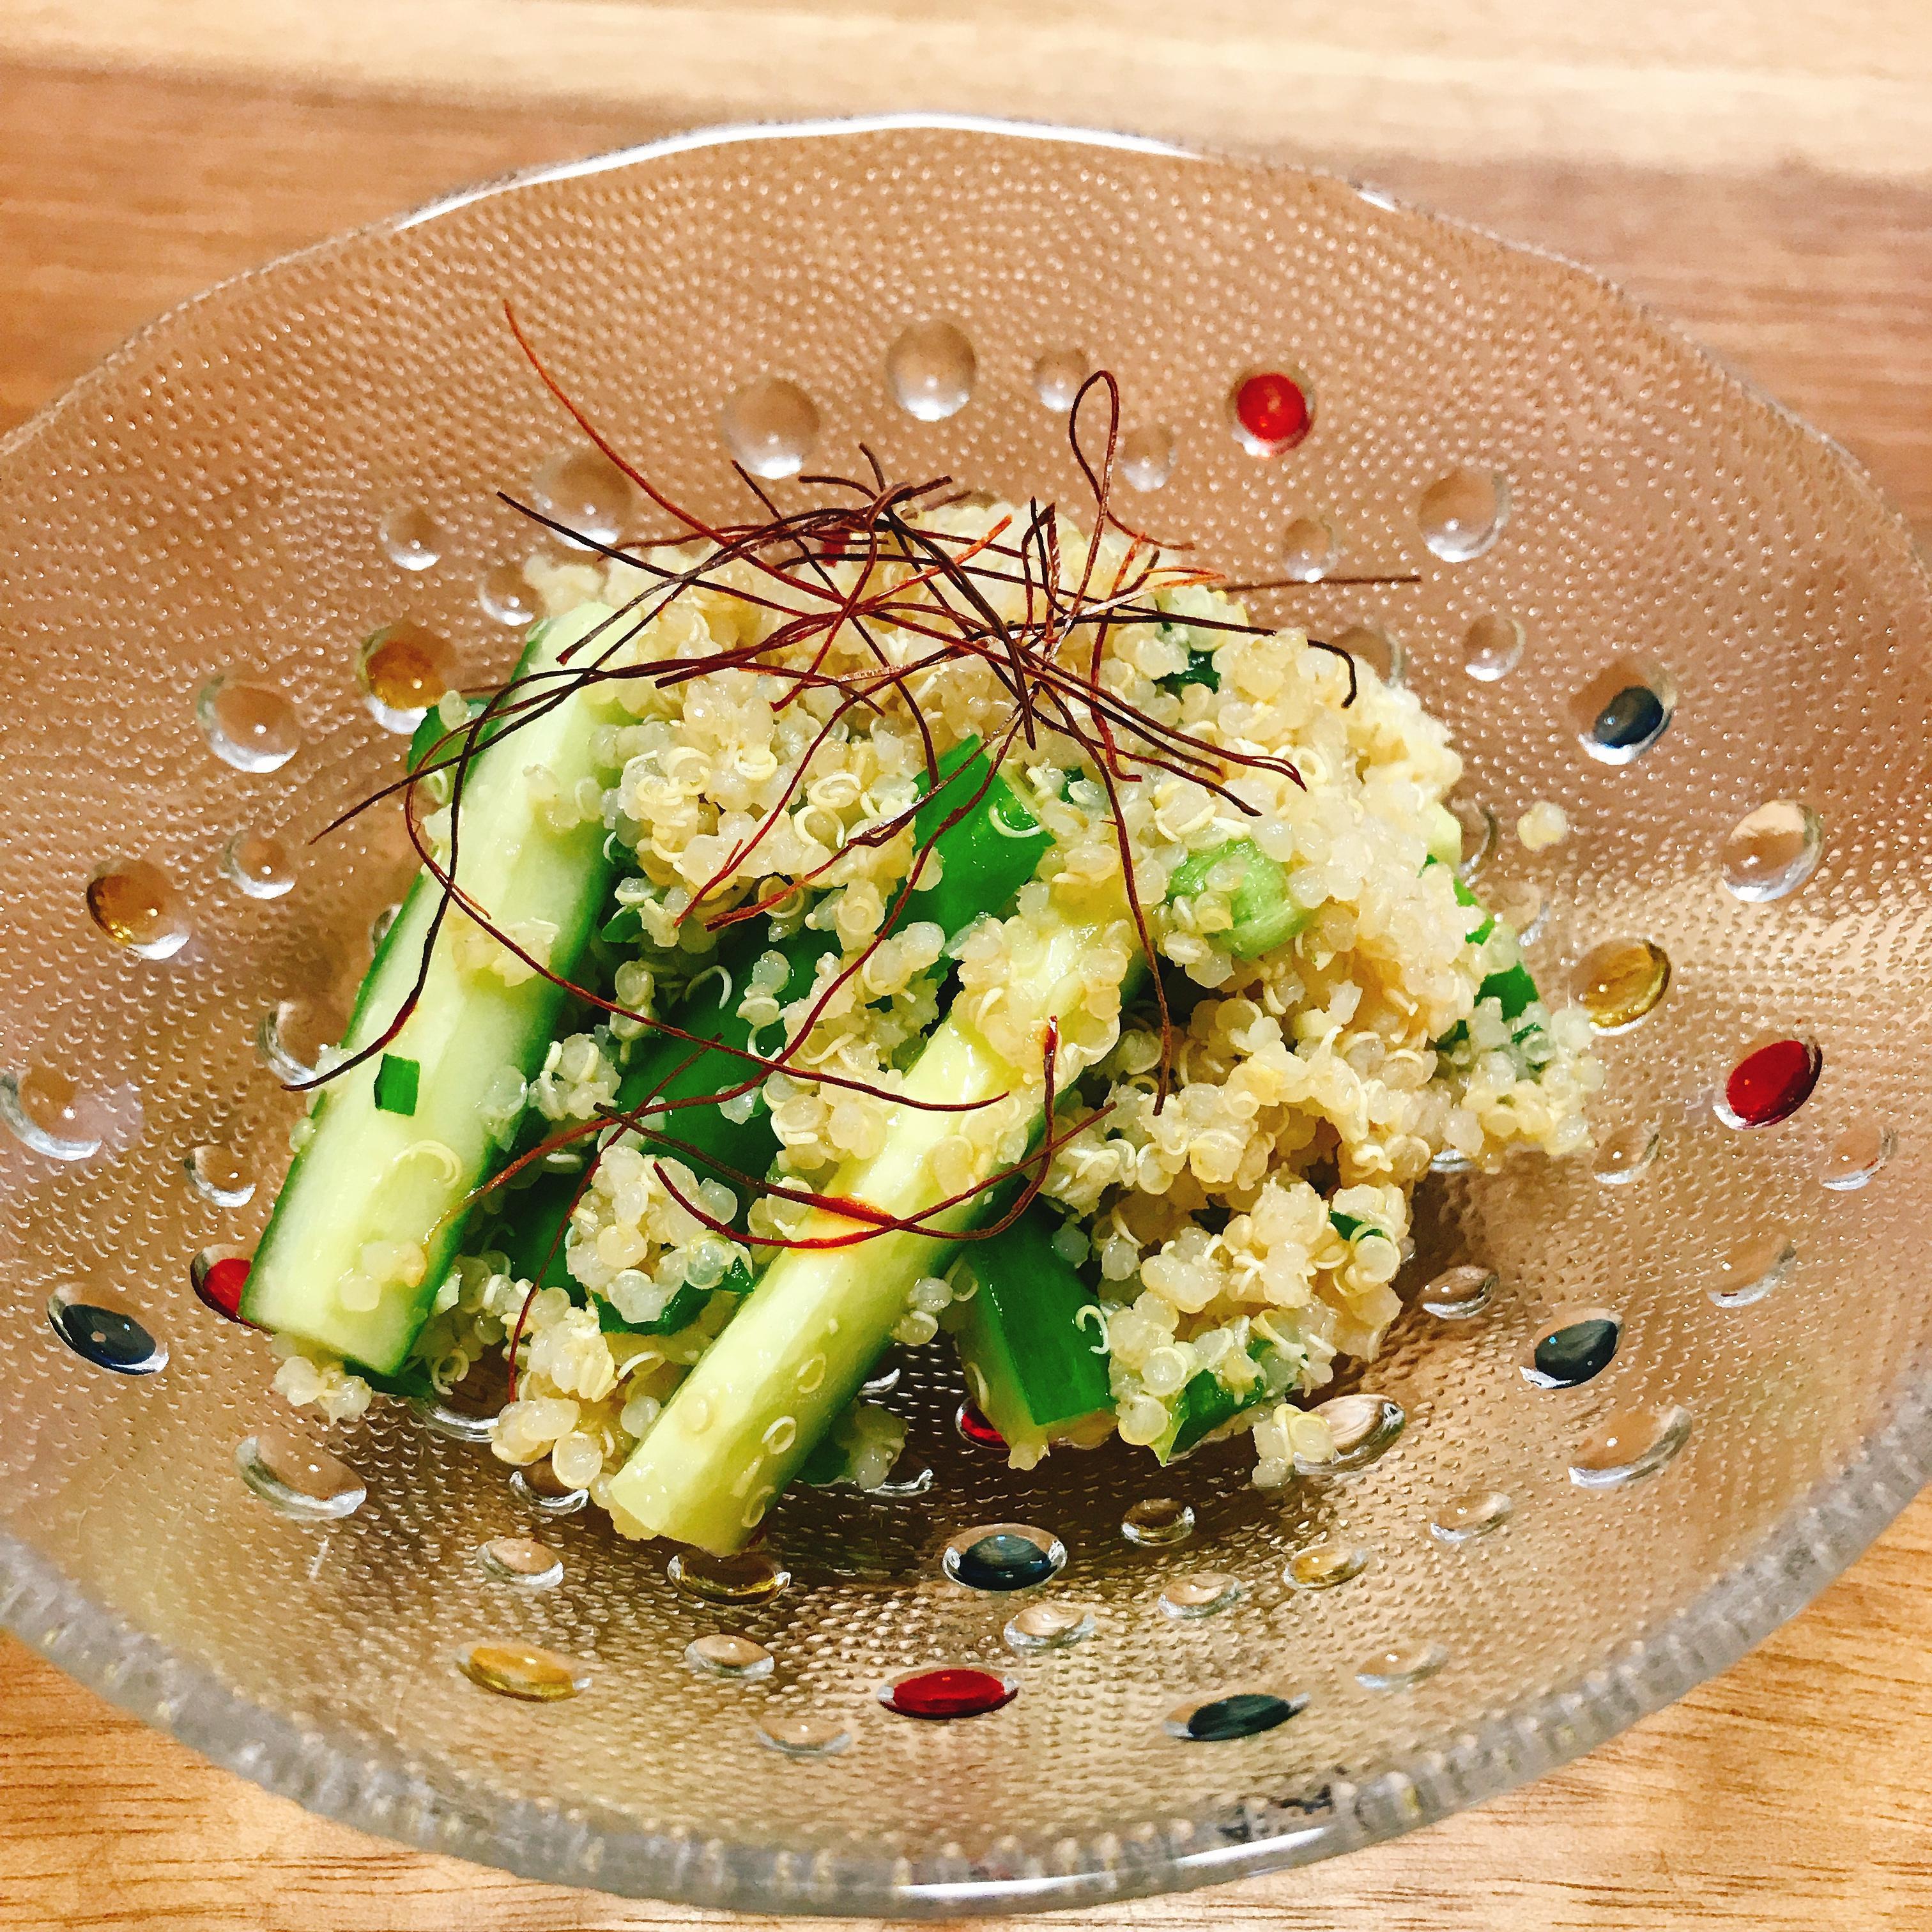 炊飯器で炊く!キヌアときゅうりの中華風サラダ